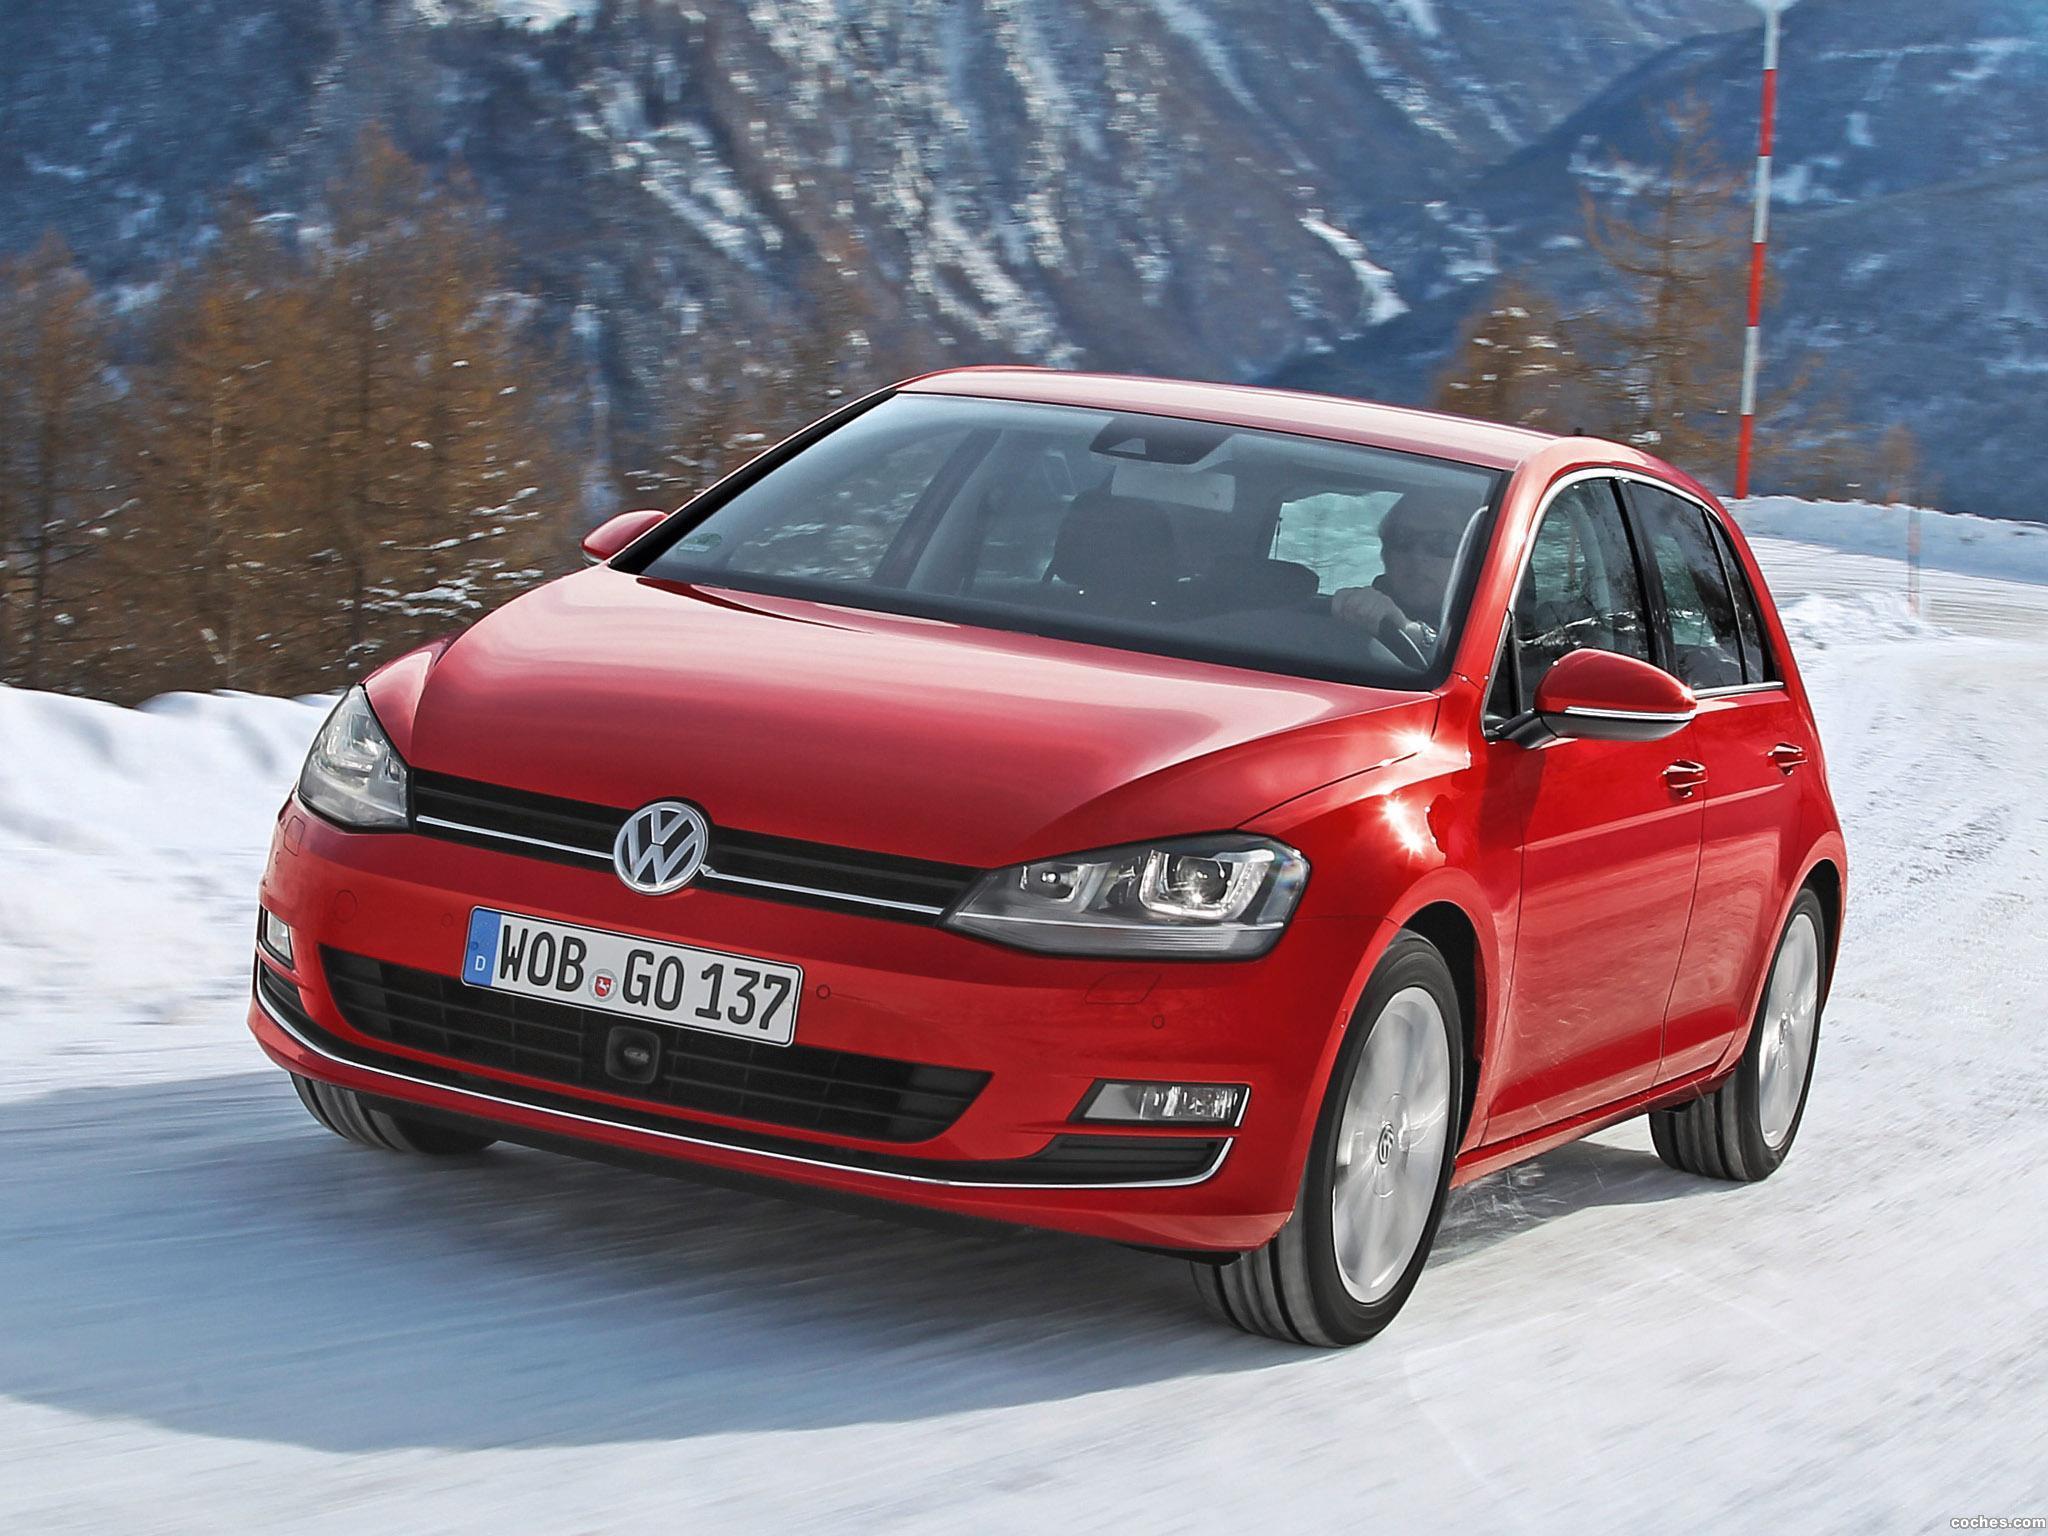 Foto 8 de Volkswagen Golf 4Motion 2013